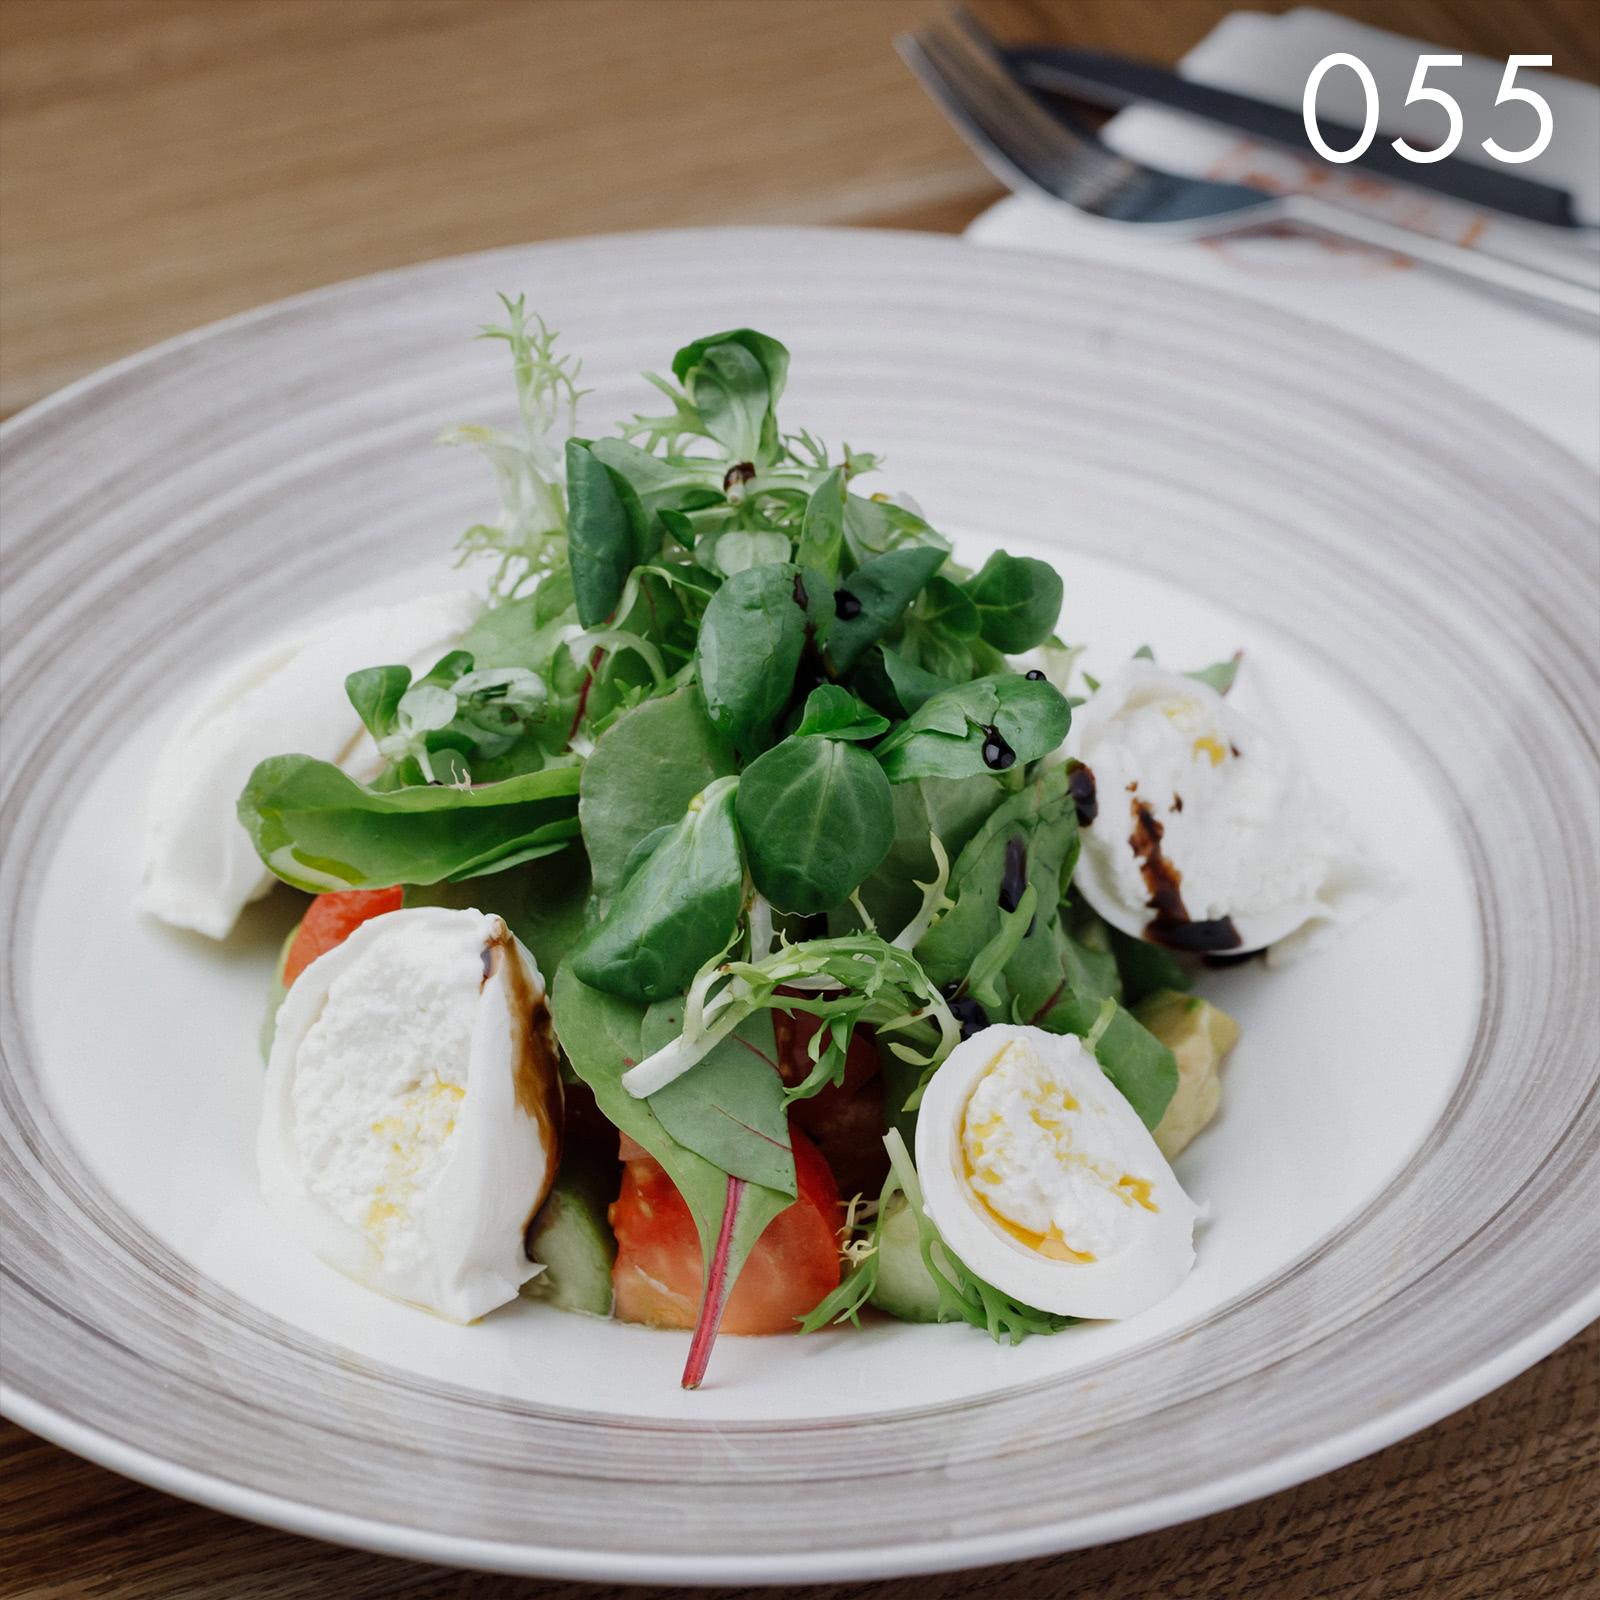 салат здоровье с домашней эко-моцареллой и эко-маслом кукурузного зародыша в ресторане Веранда